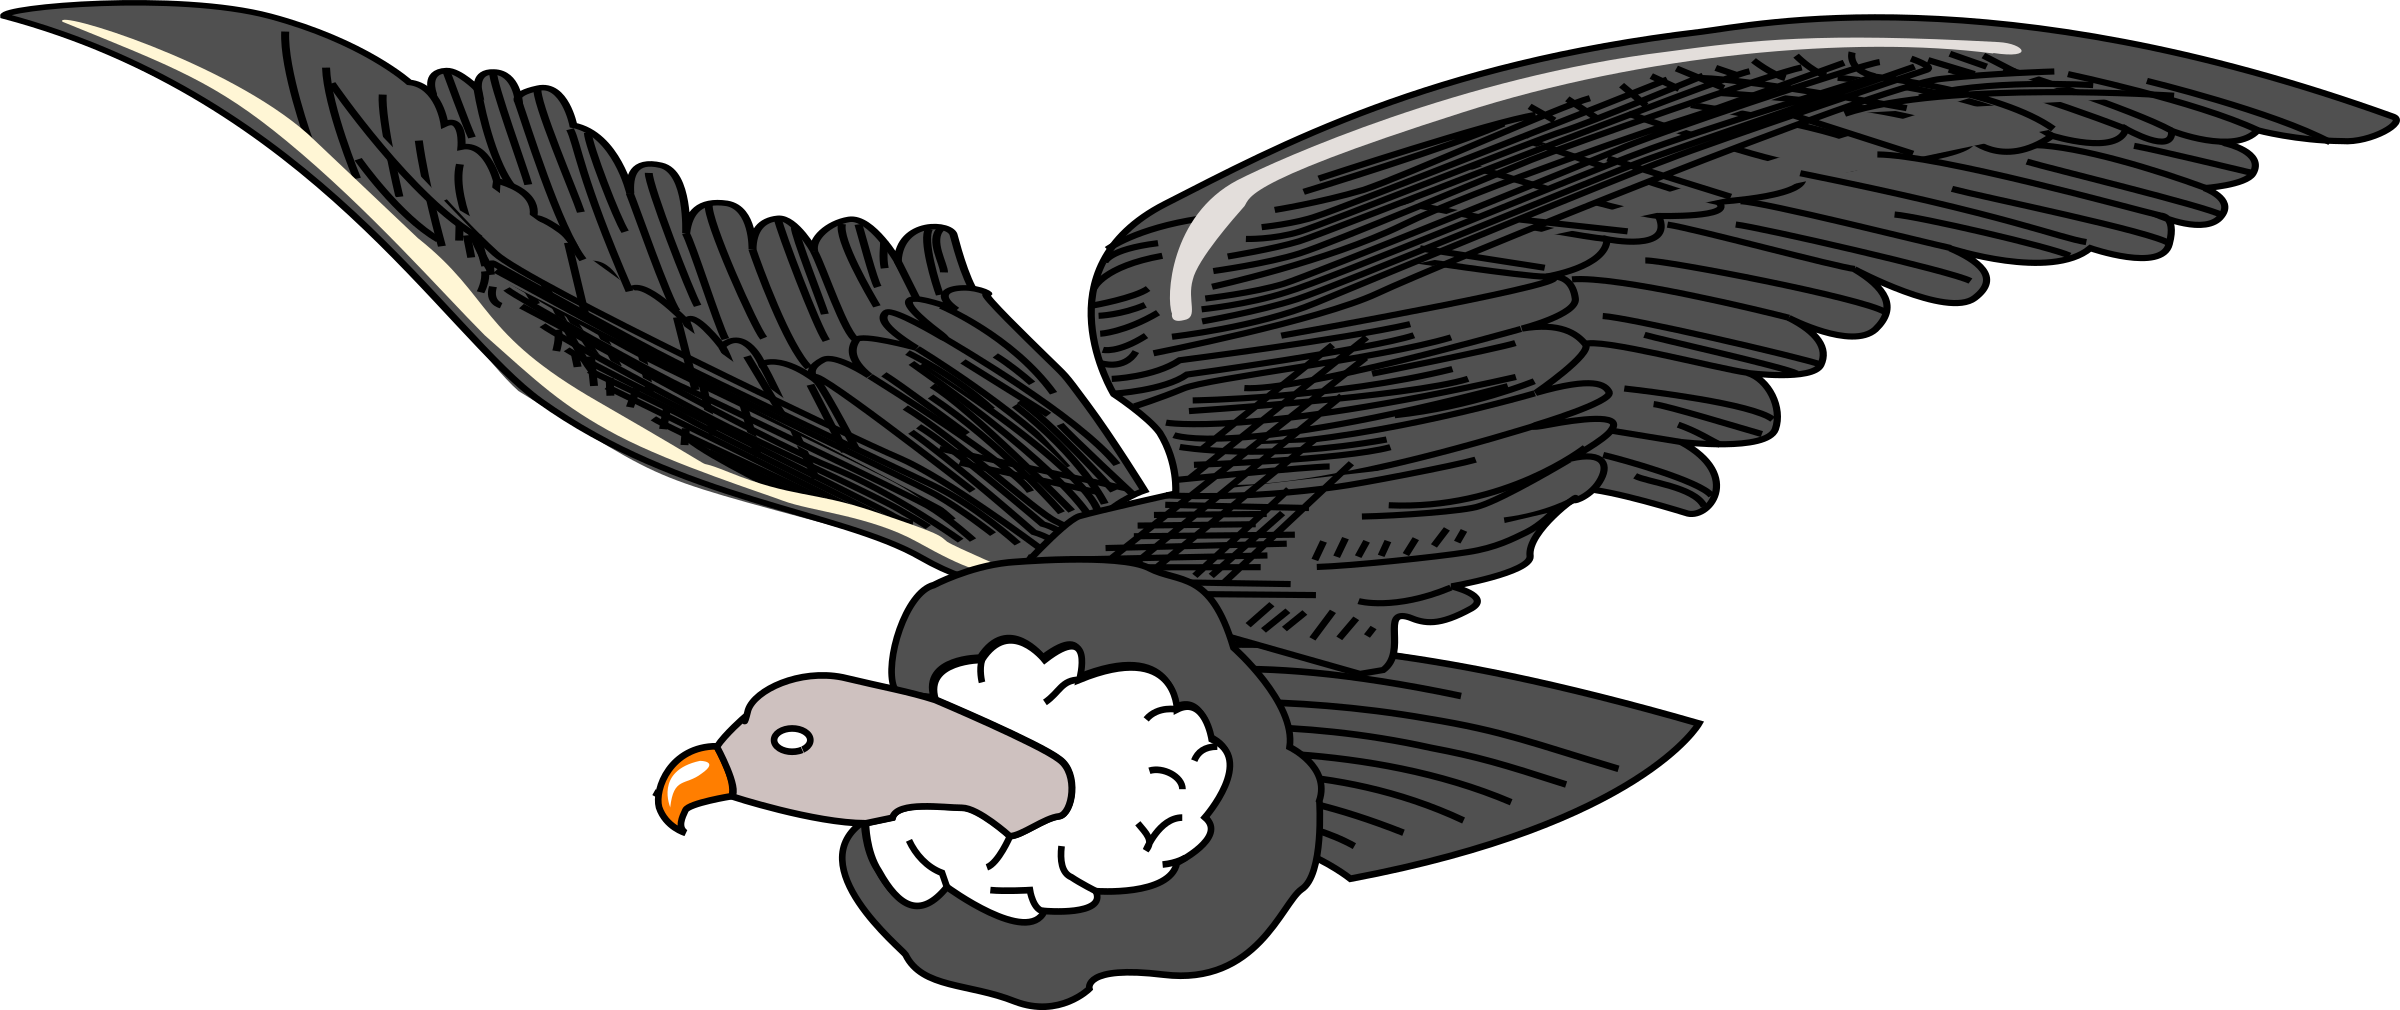 Wing clipart vulture. Bird condor clip art